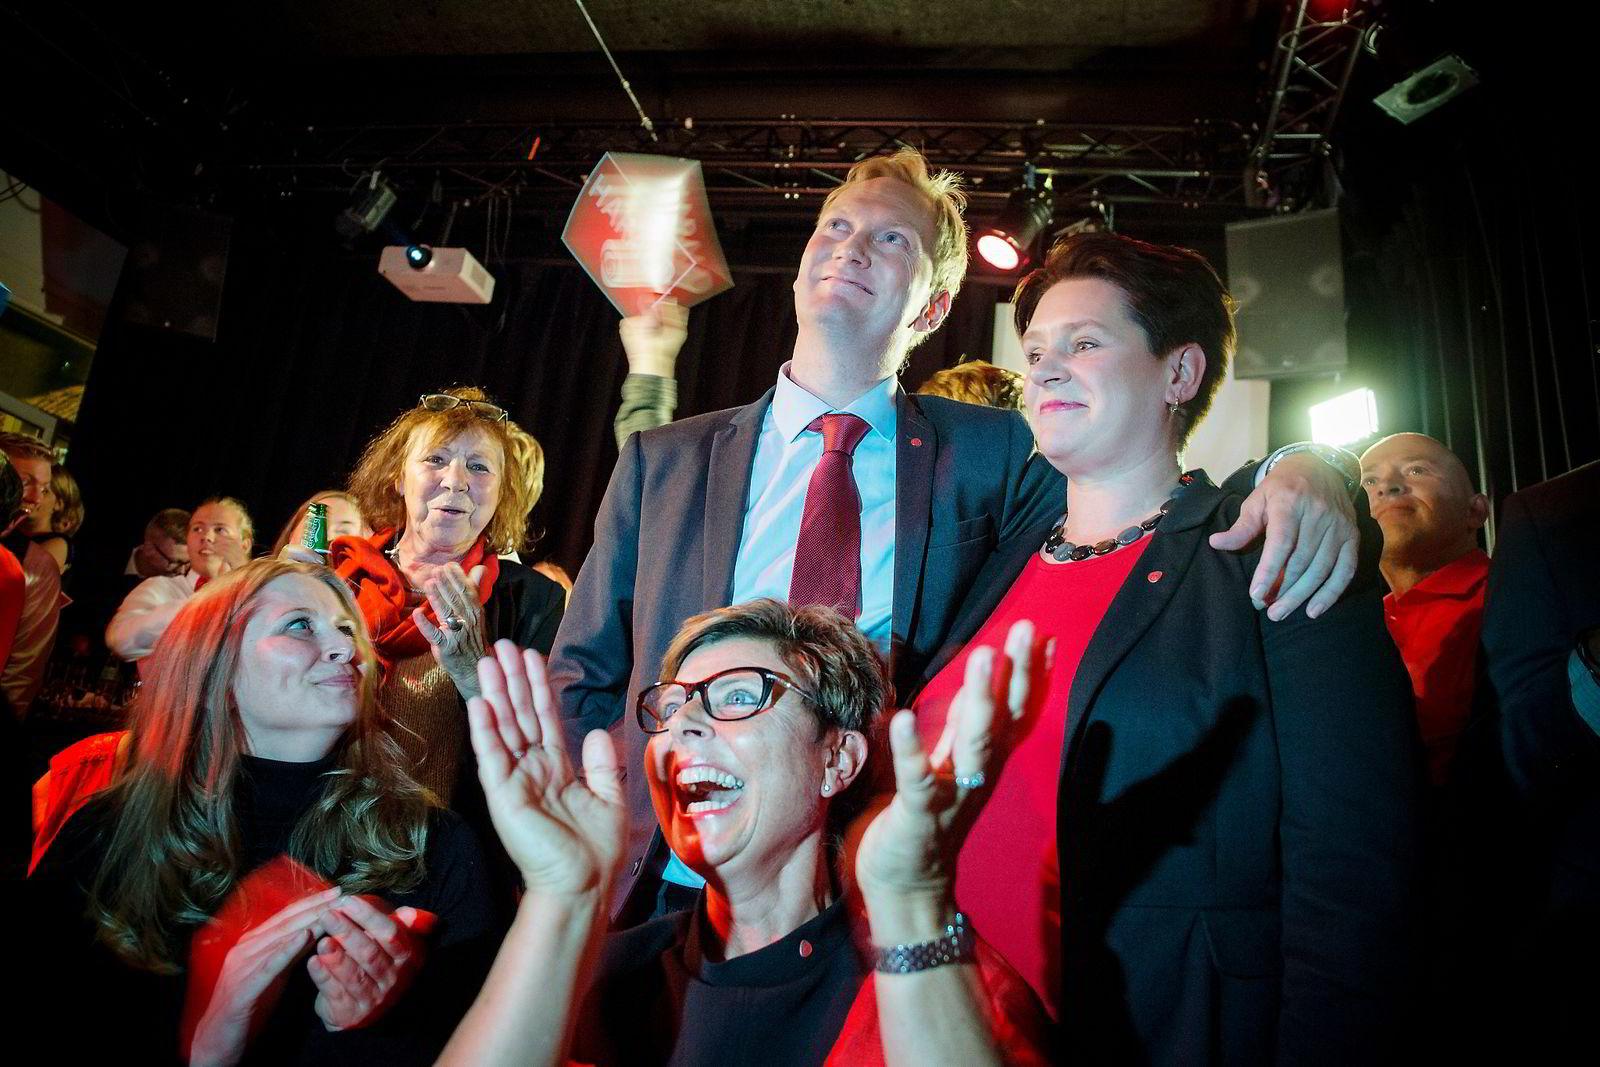 APs ledertrekløver i Bergen Harald Schjelderup, Marte Mjøs Persen og Anne Gine Hestetun (sittende, med briller) feirer prognosen.